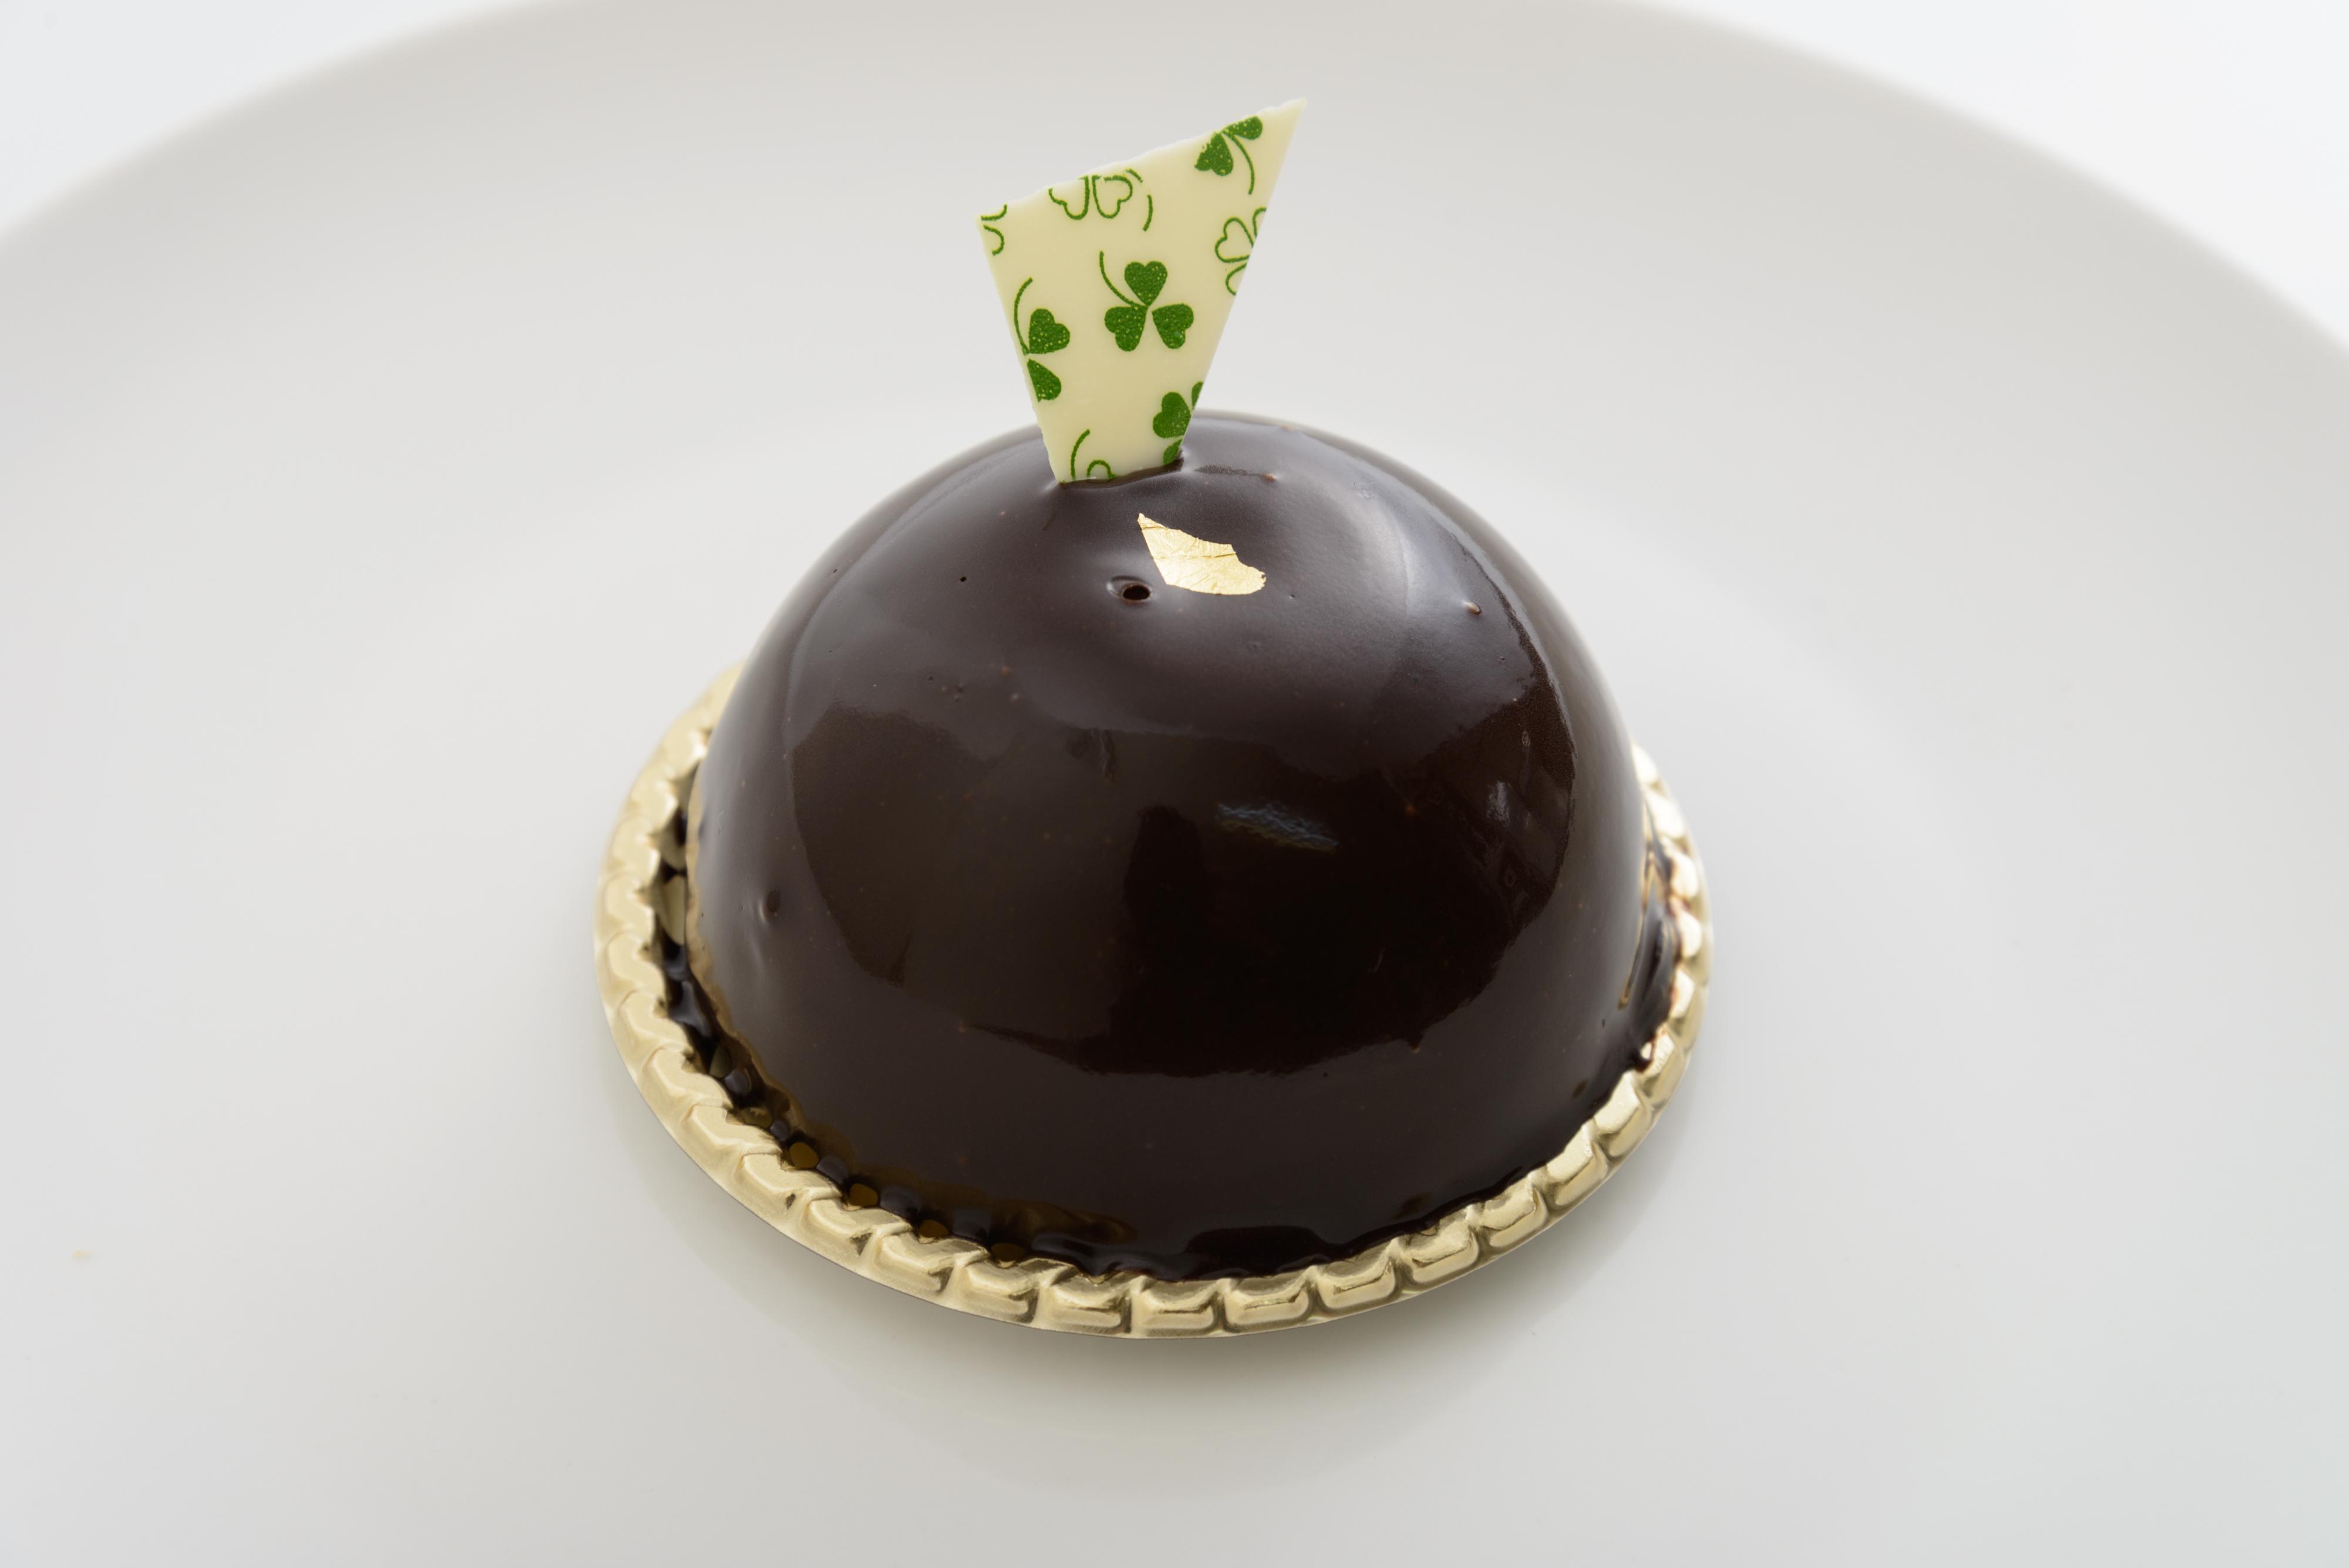 *チョコドーム* 秋冬限定の人気商品!濃厚なチョコムースとアーモンドムースの組み合わせ。